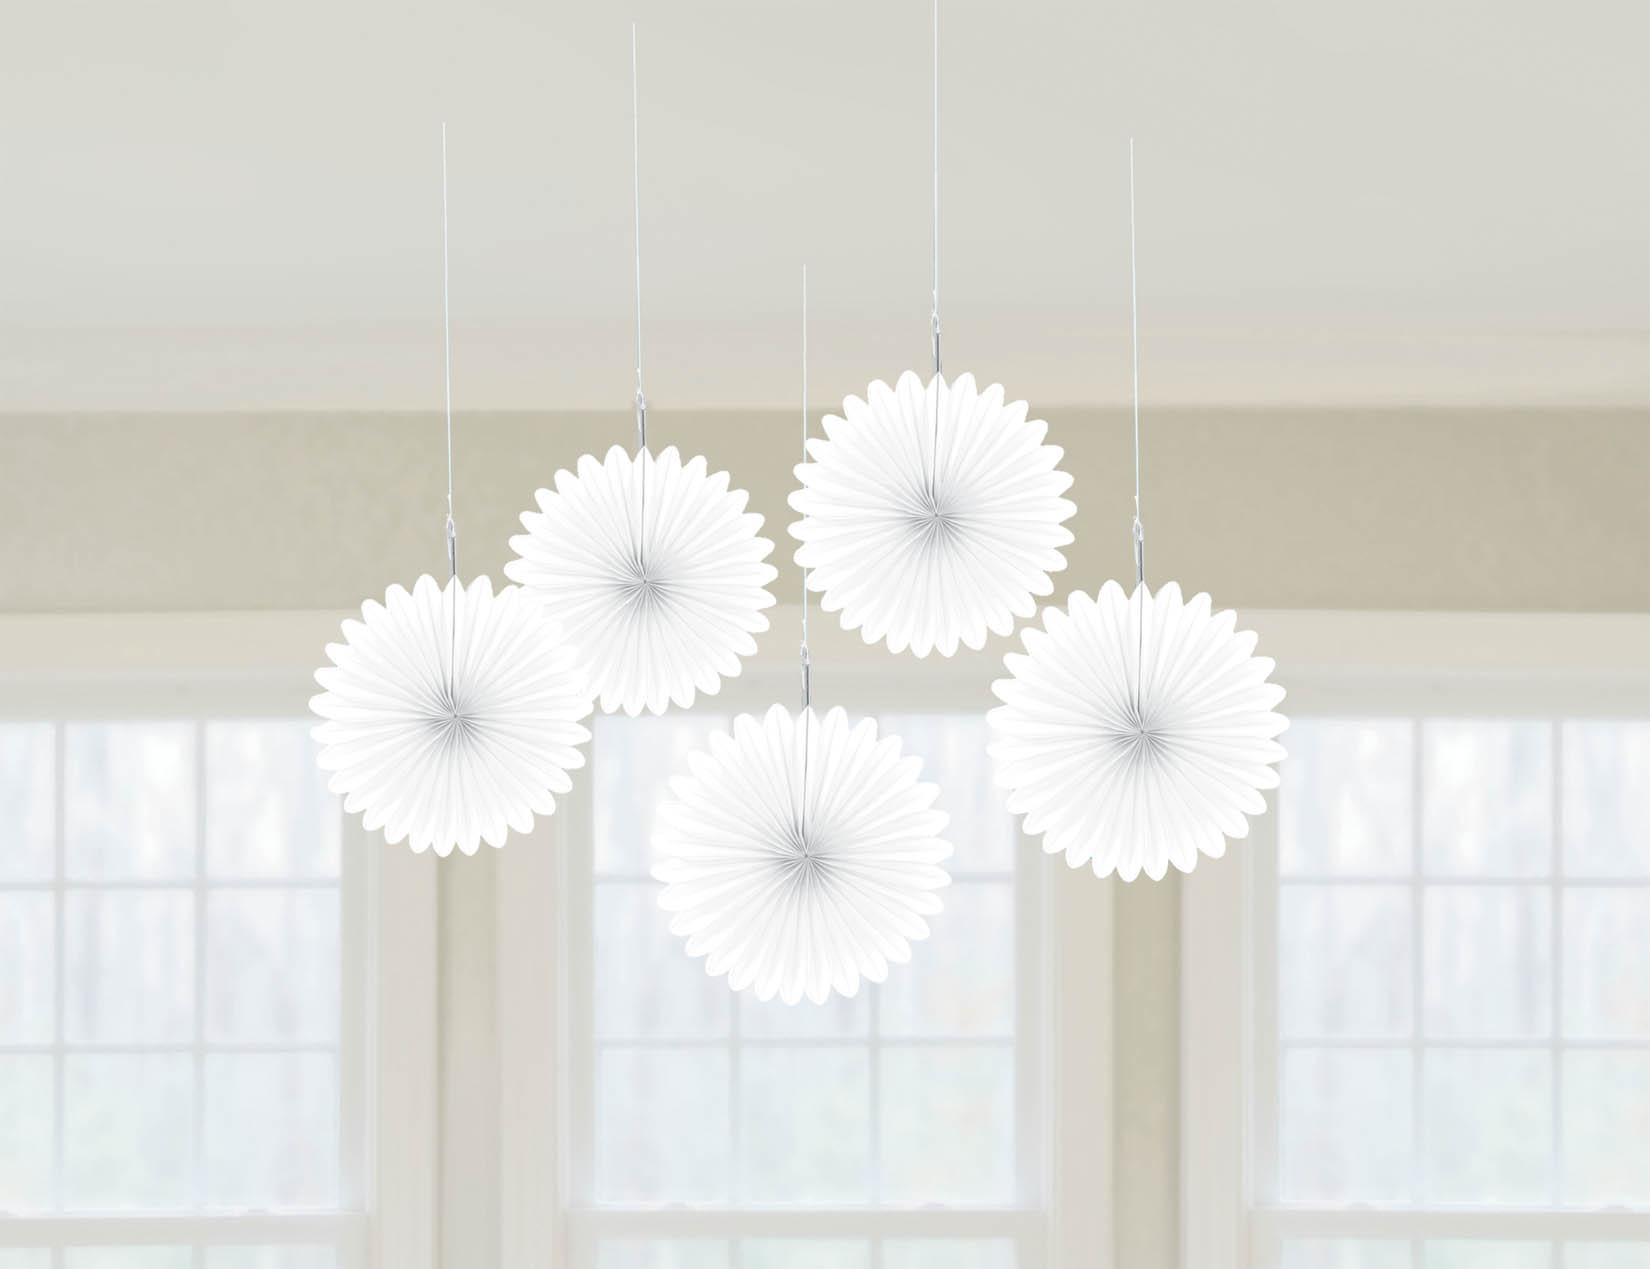 Mini Fan Decorations - Frosty White